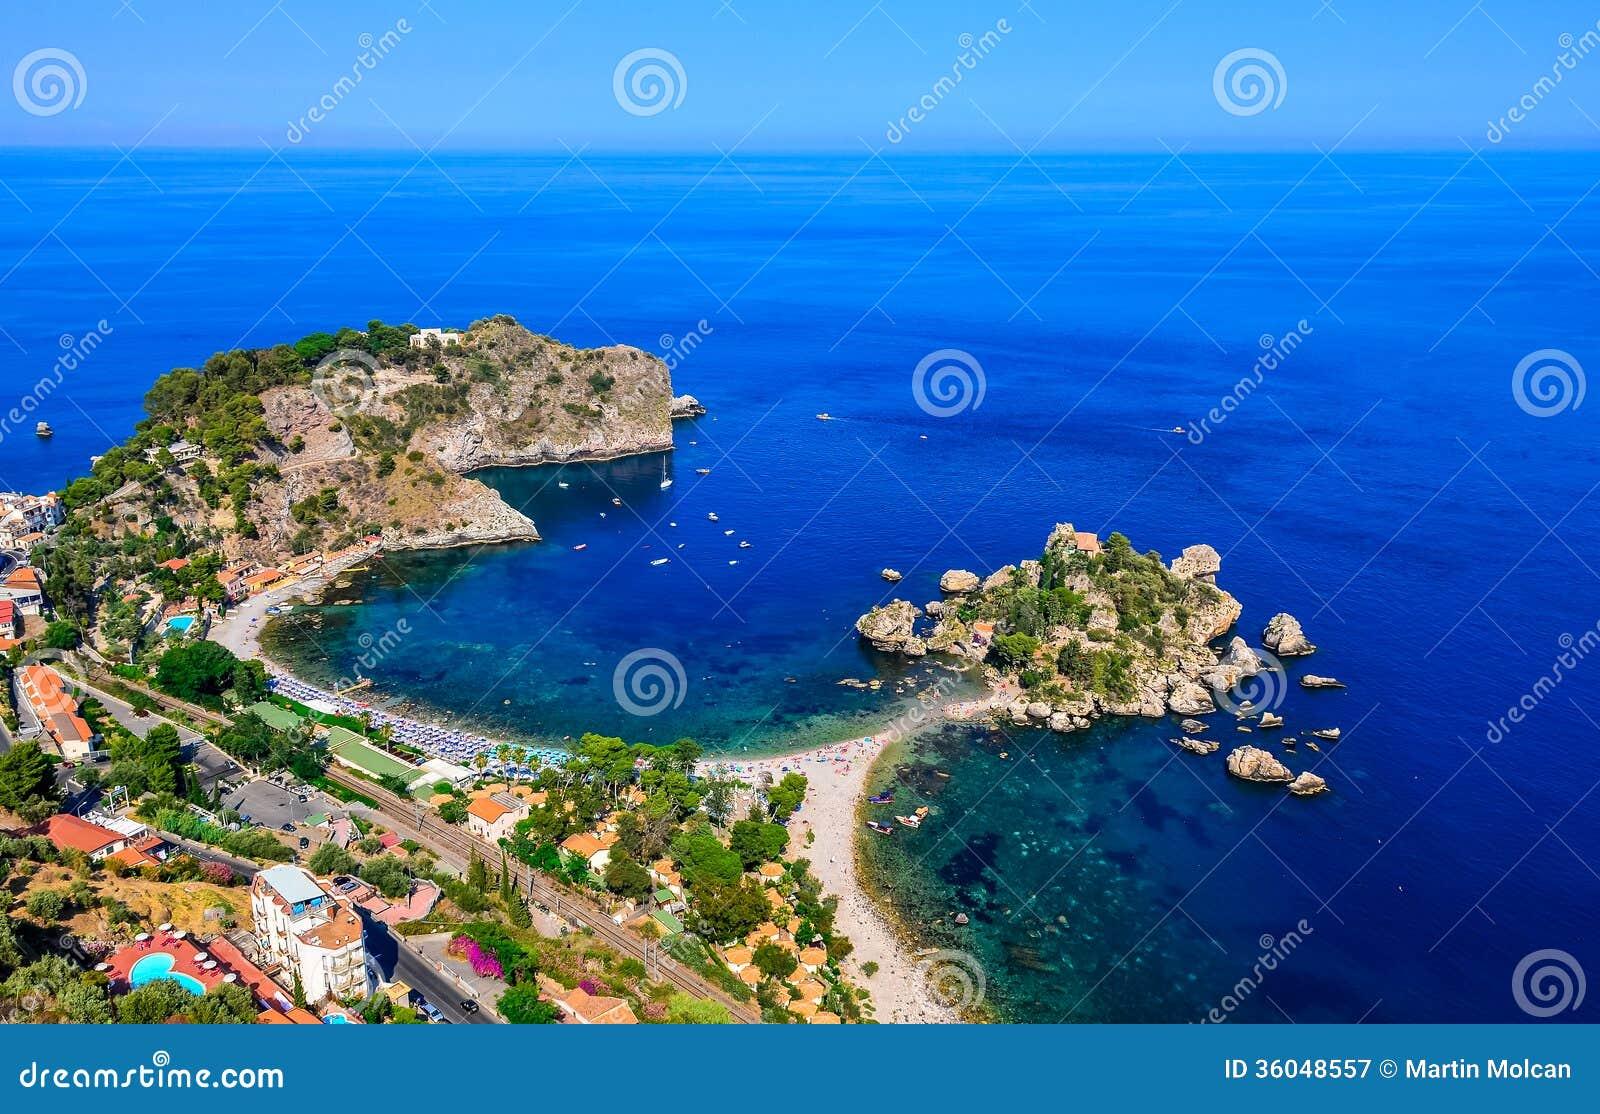 Vista aerea della costa della spiaggia di Isola Bella in Taormina, Sicilia